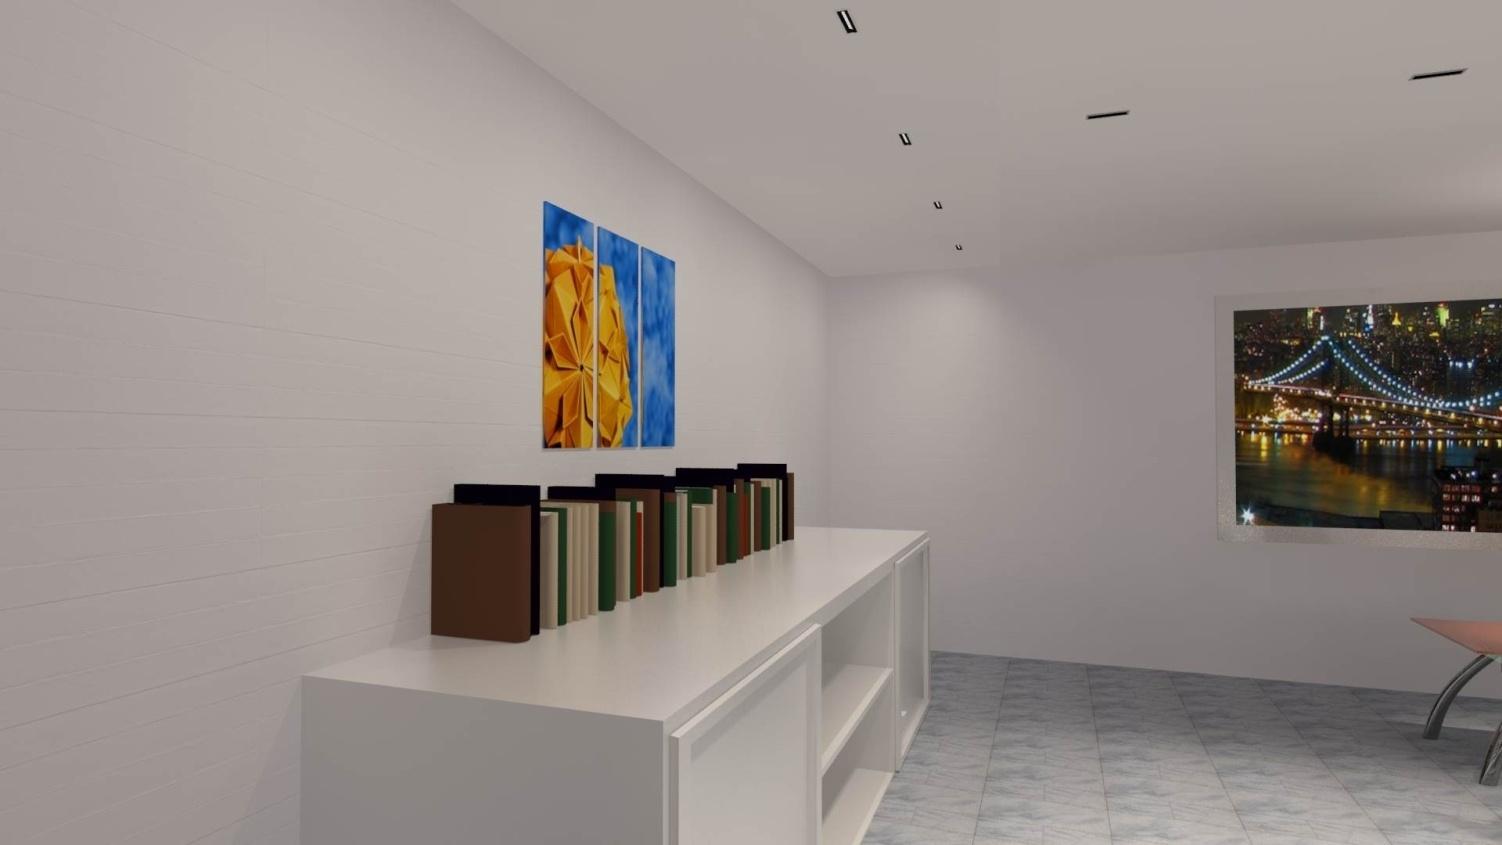 ИТ в современном архитектурном и интерьерном освещении: разные инженерные плюшки - 14